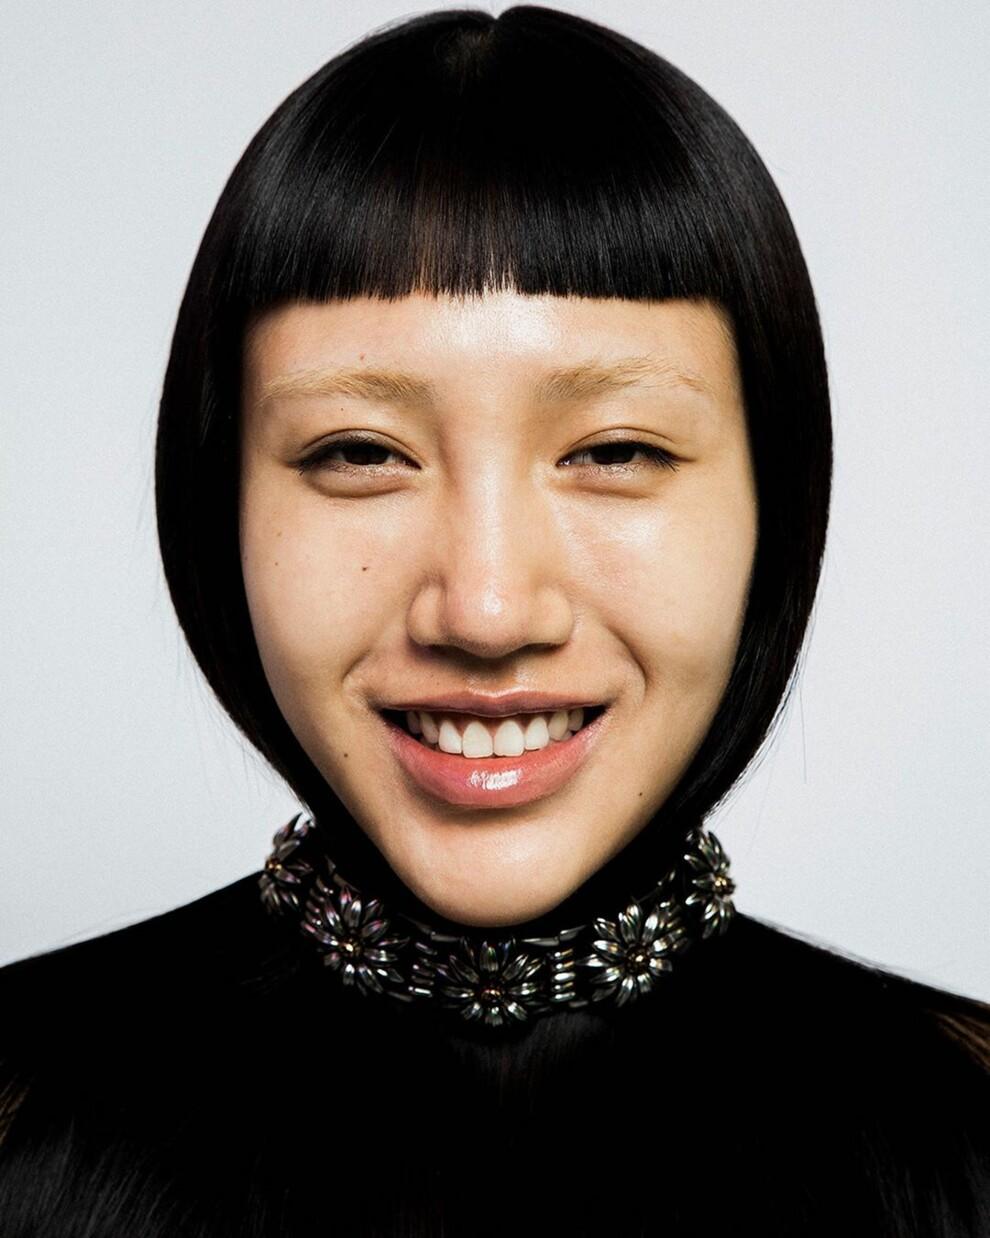 Красота в несовершенстве: героями рекламы Gucci Beauty стали обычные люди